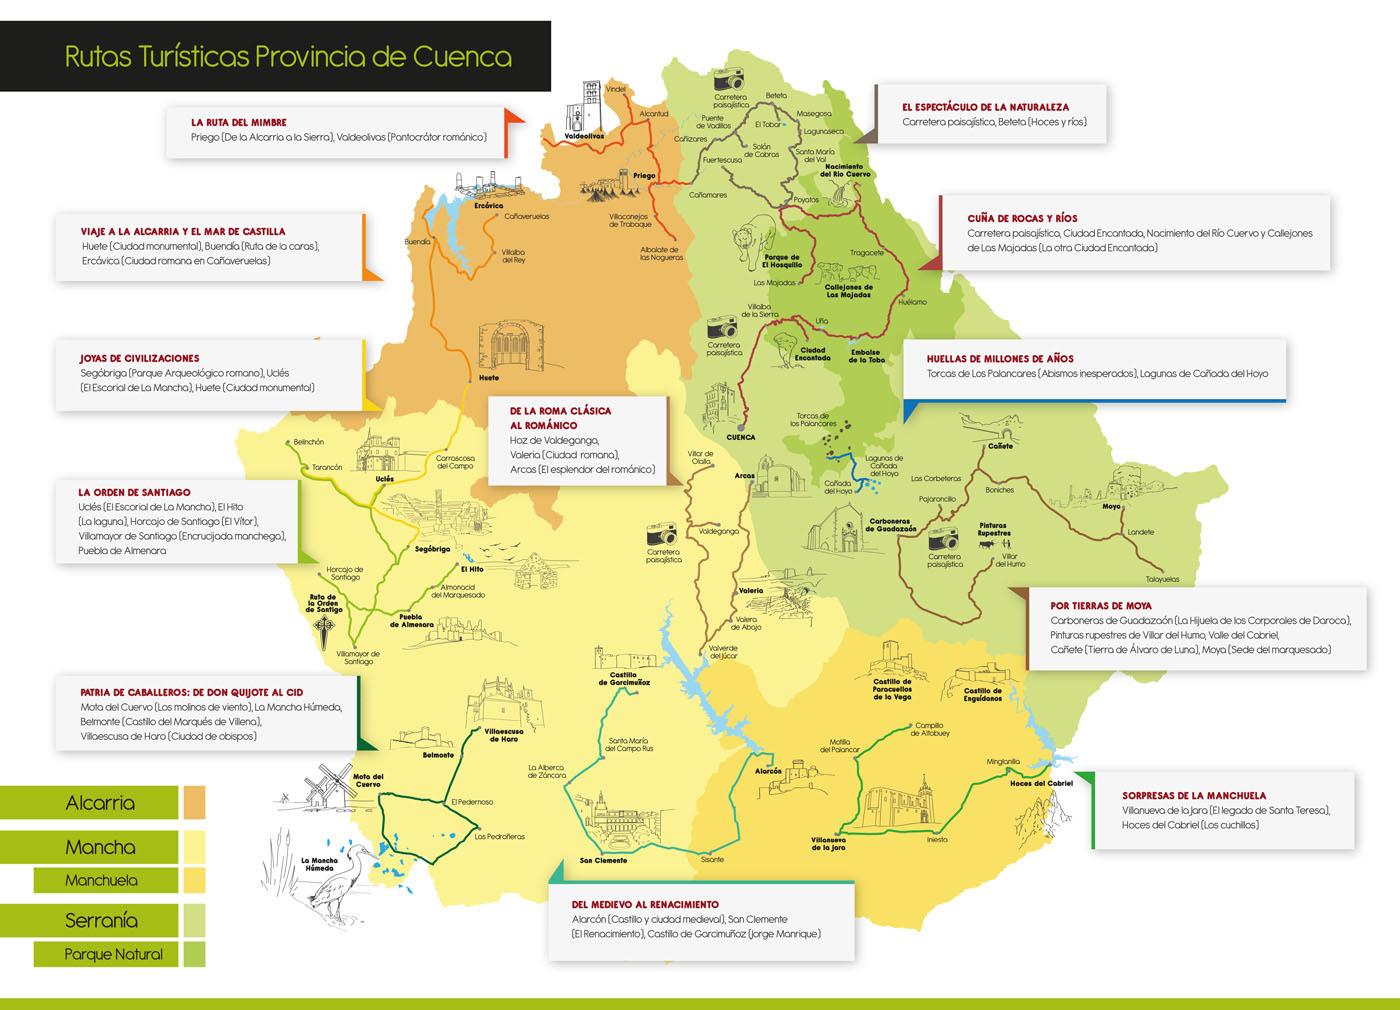 Mapa Provincia De Cuenca.Excursiones A Zonas Naturales Y Senderismo Por La Provincia De Cuenca Campillo Pueblo Vivo